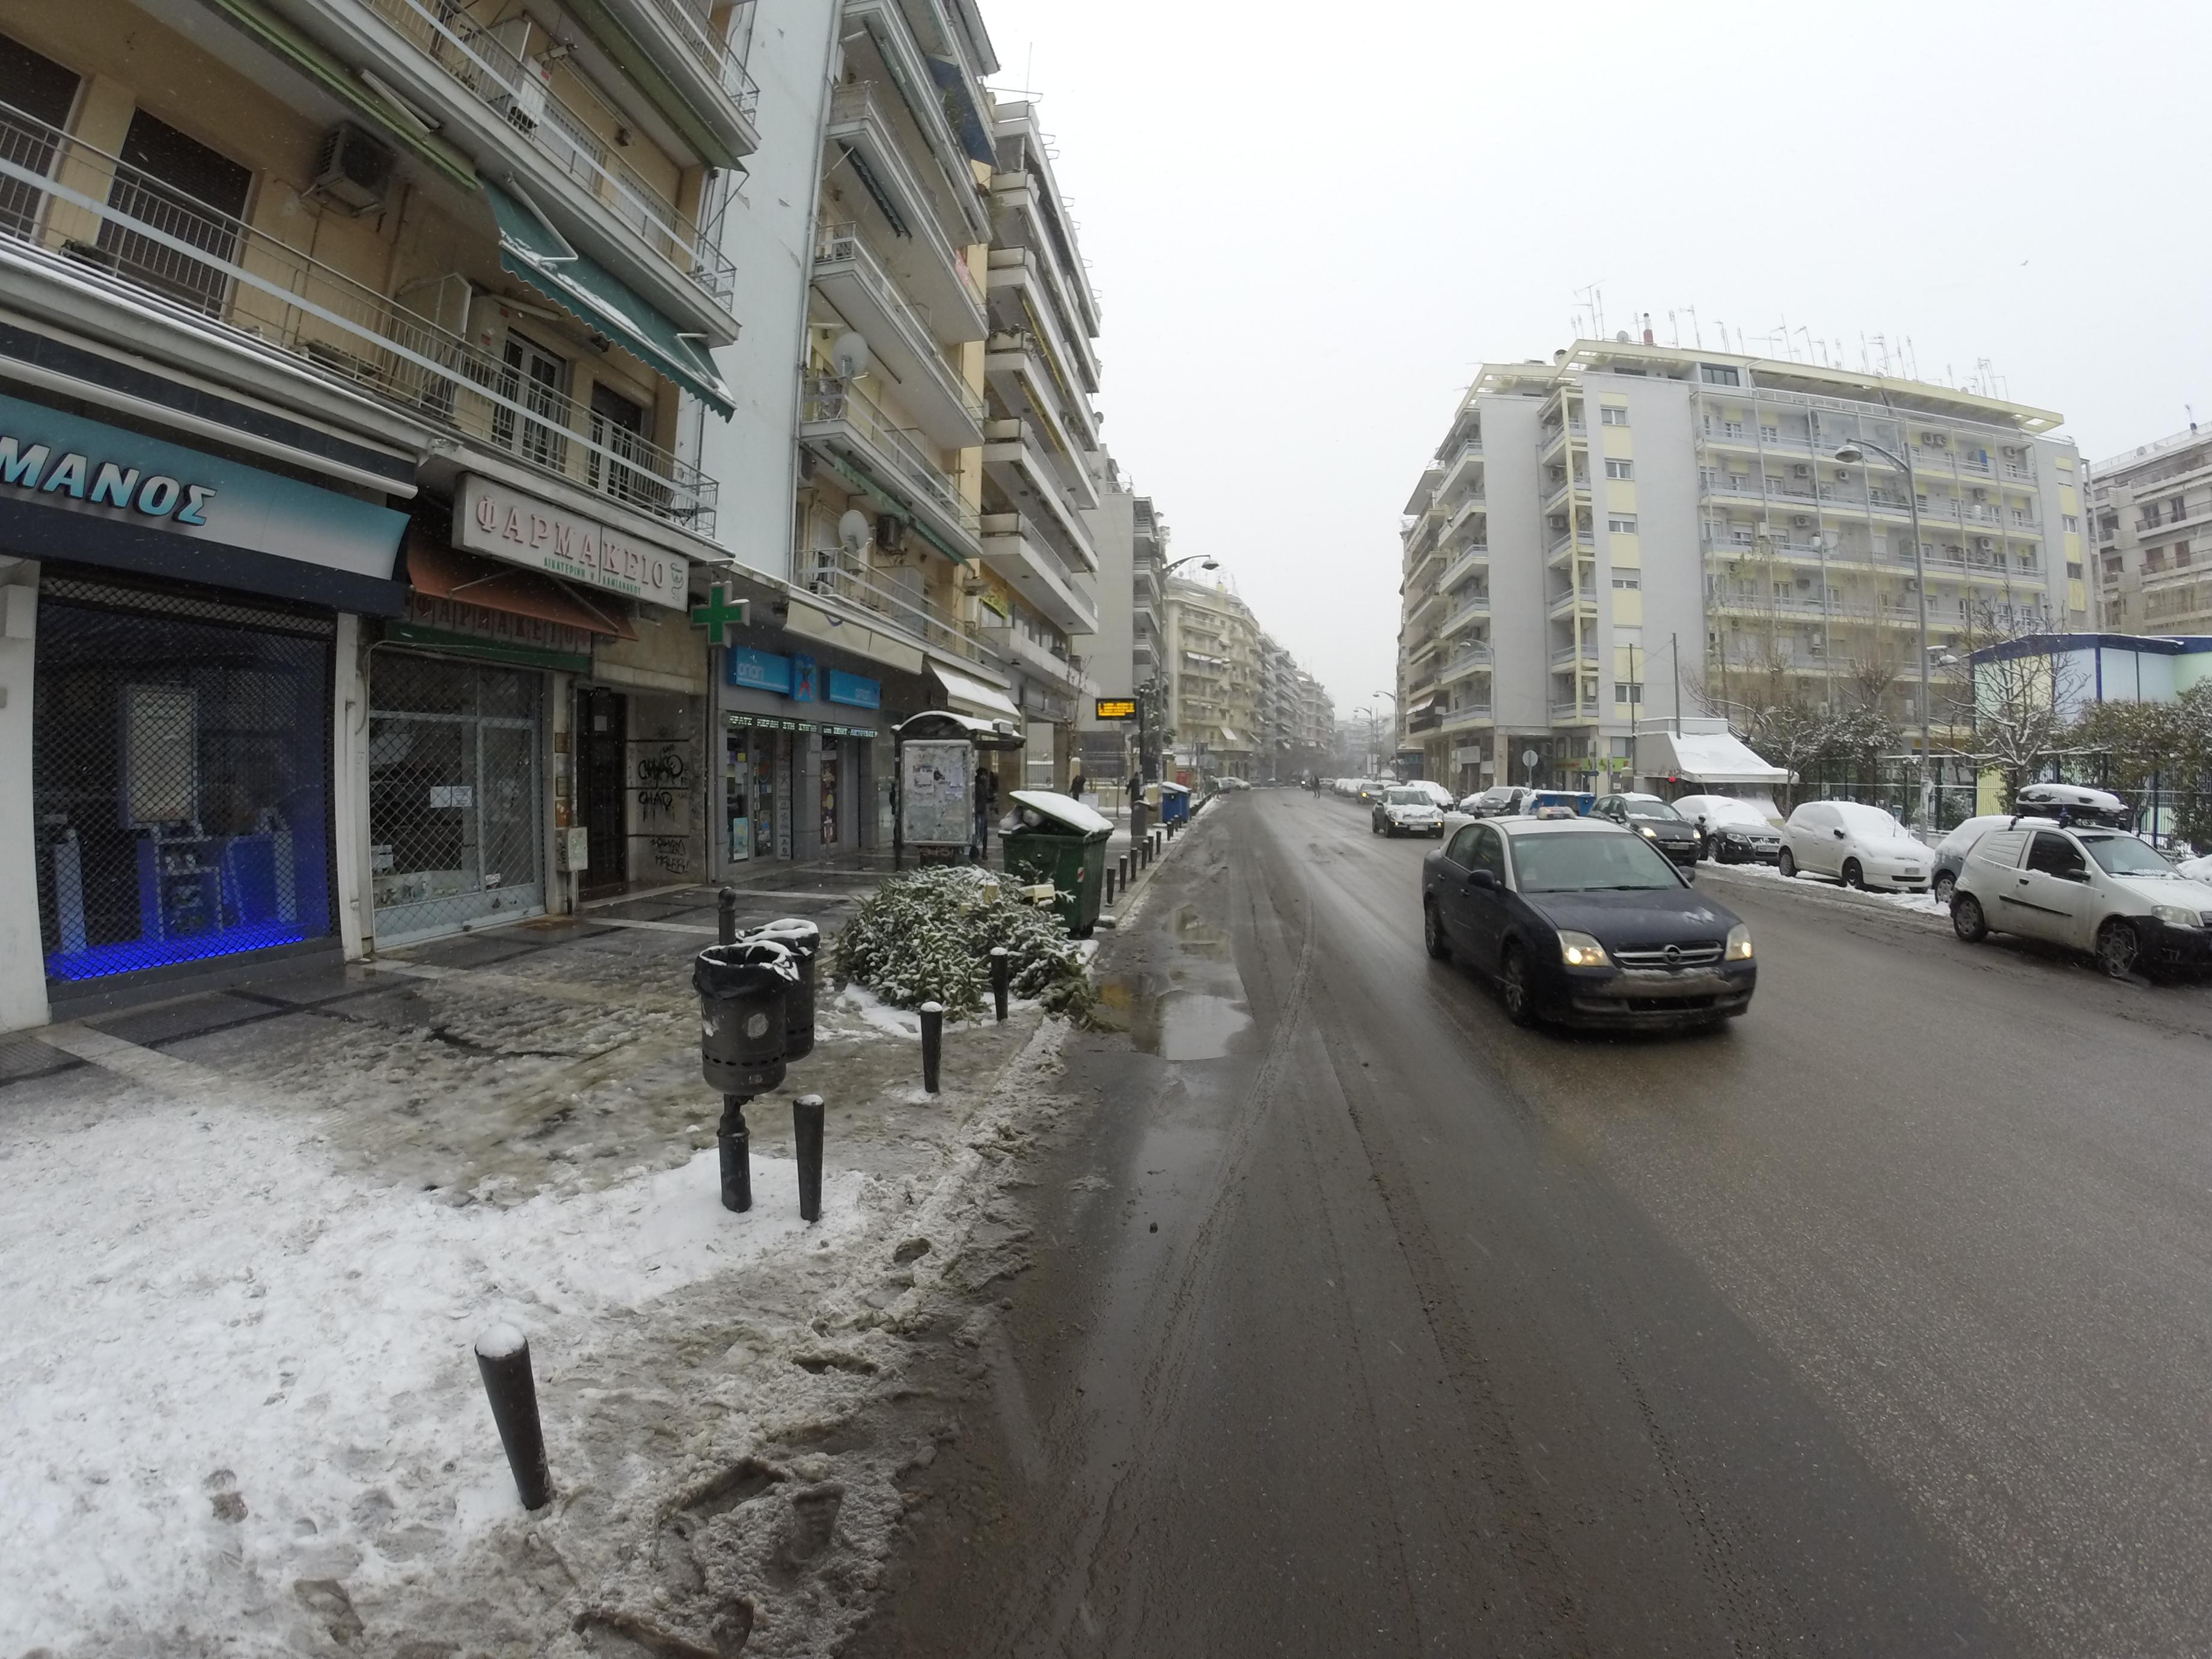 Β. Ολγας, φωτο Σάββας Αυγητίδης